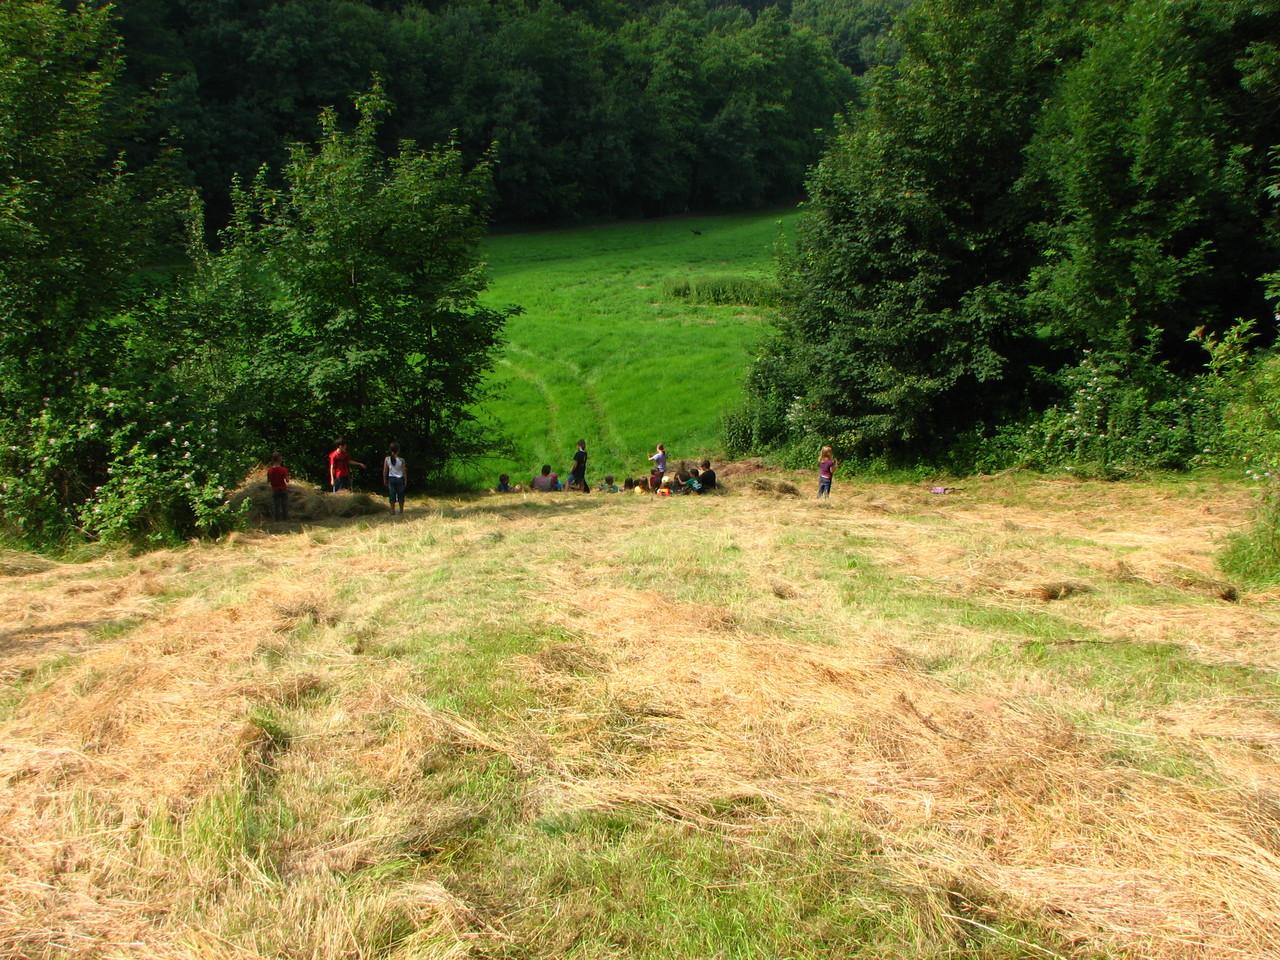 Da liegen einige Grasbahnen.